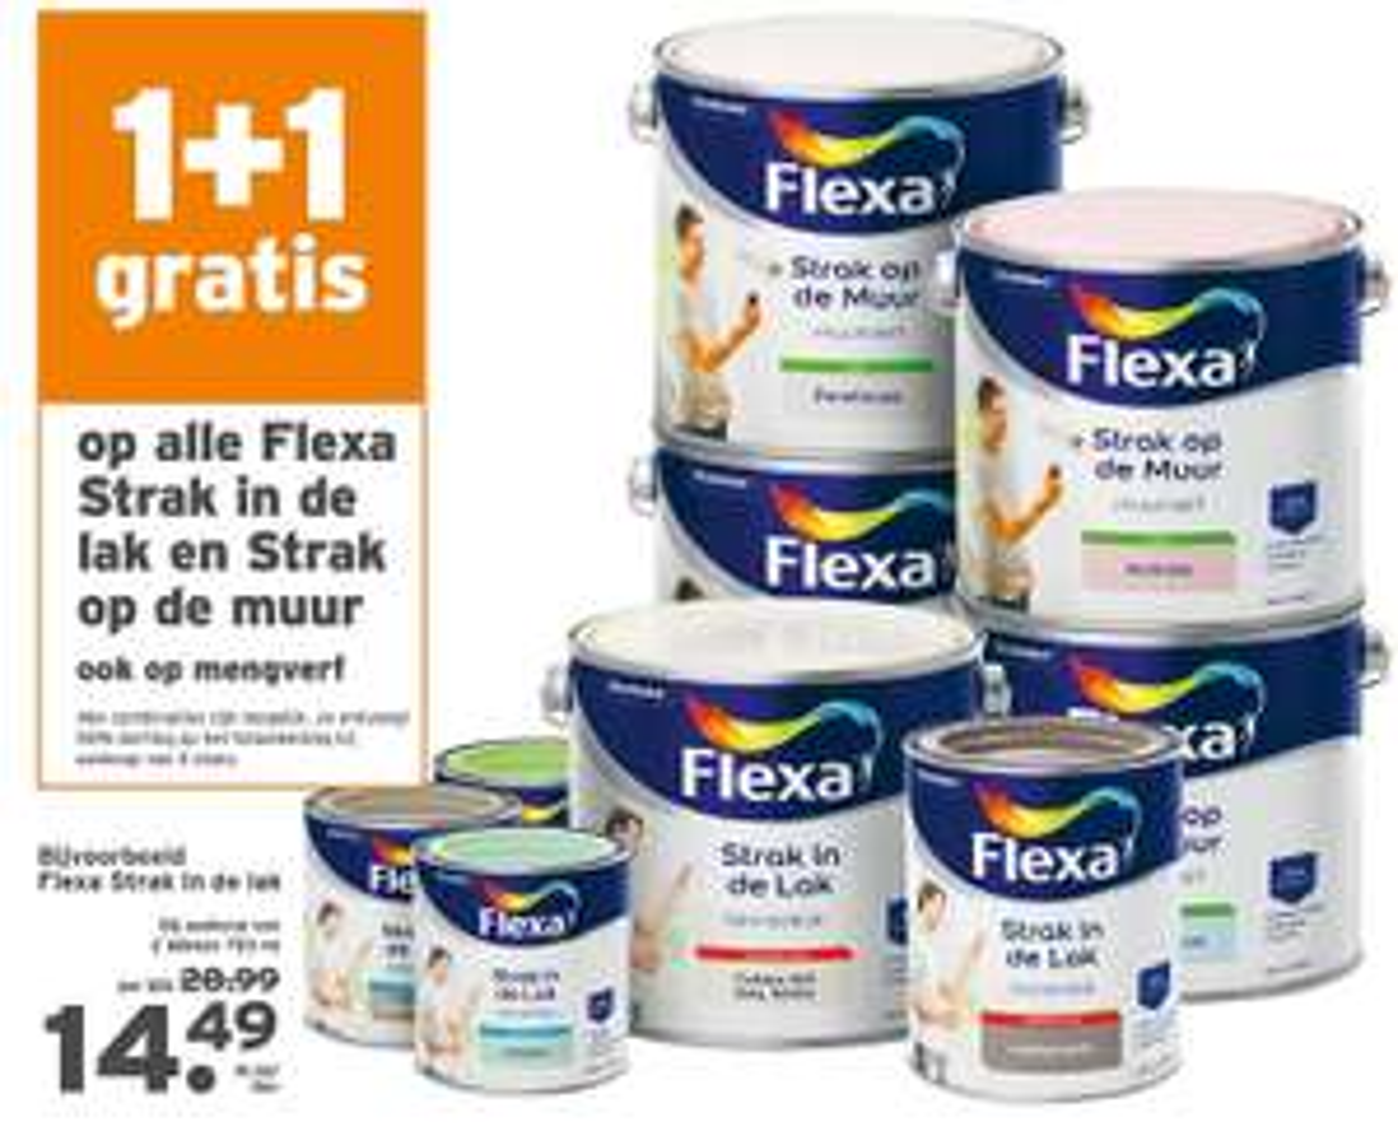 1+1 gratis op alle Flexa lakken @GAMMA